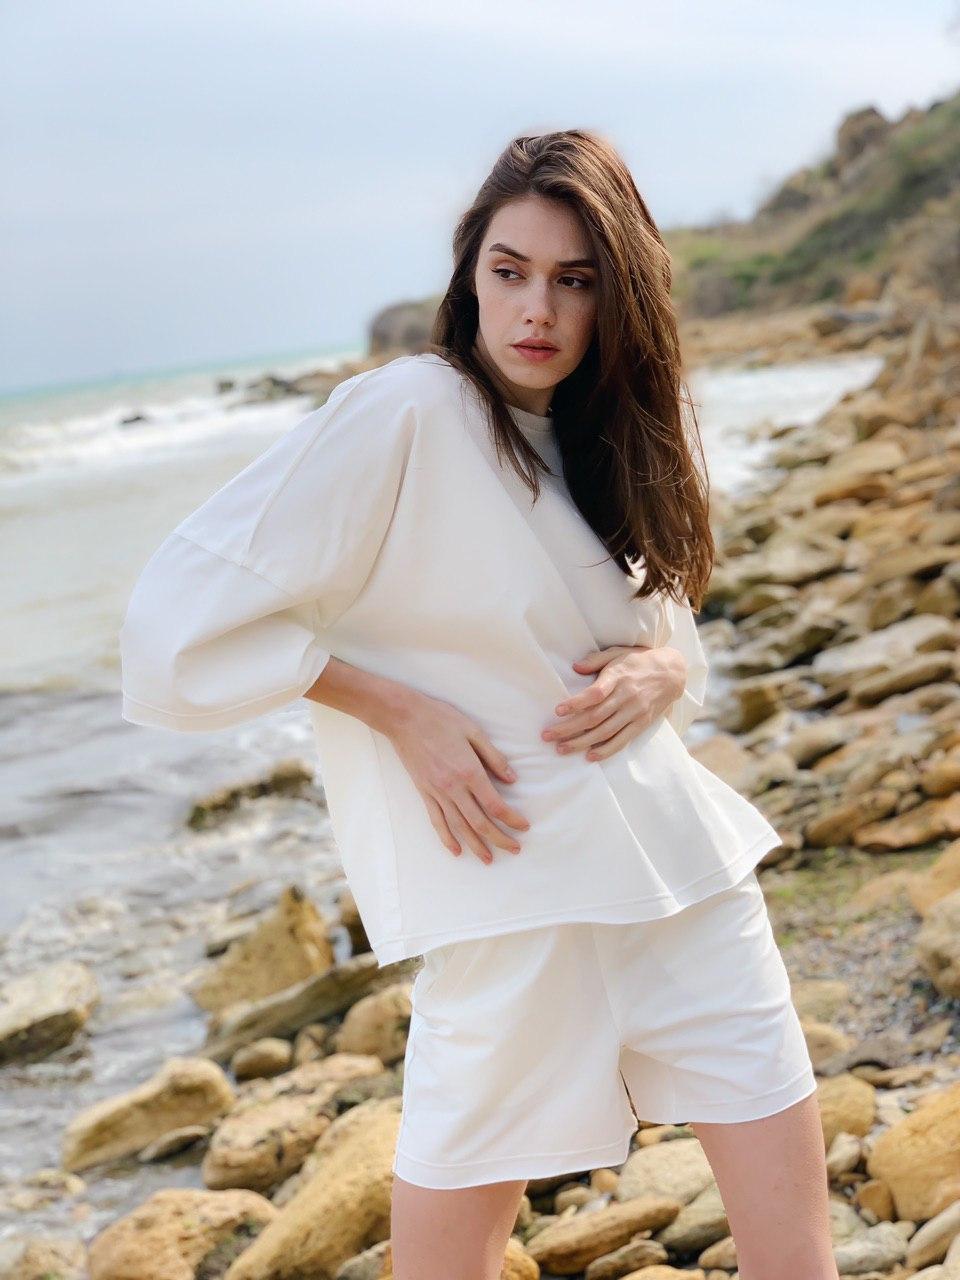 Женский спортивный костюм с шортами в стиле оверсайз размеры S-M, L-XL белый